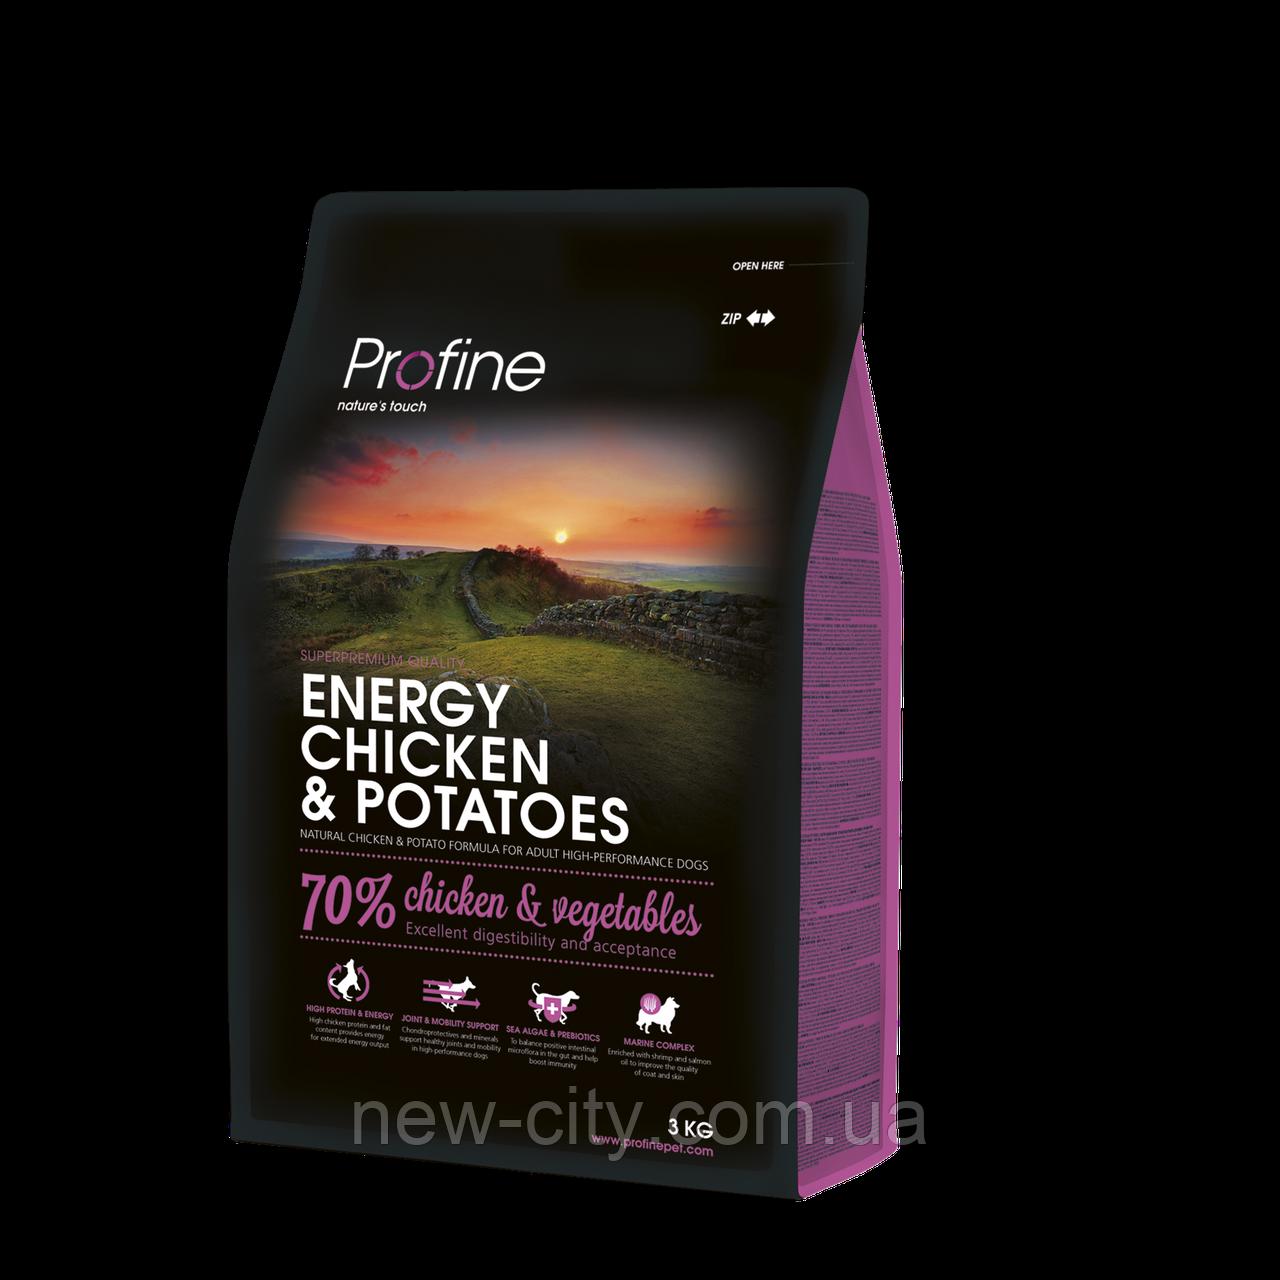 Profine Energy Chicken & Potatoes 3kg корм для собак с повышенной нагрузкой